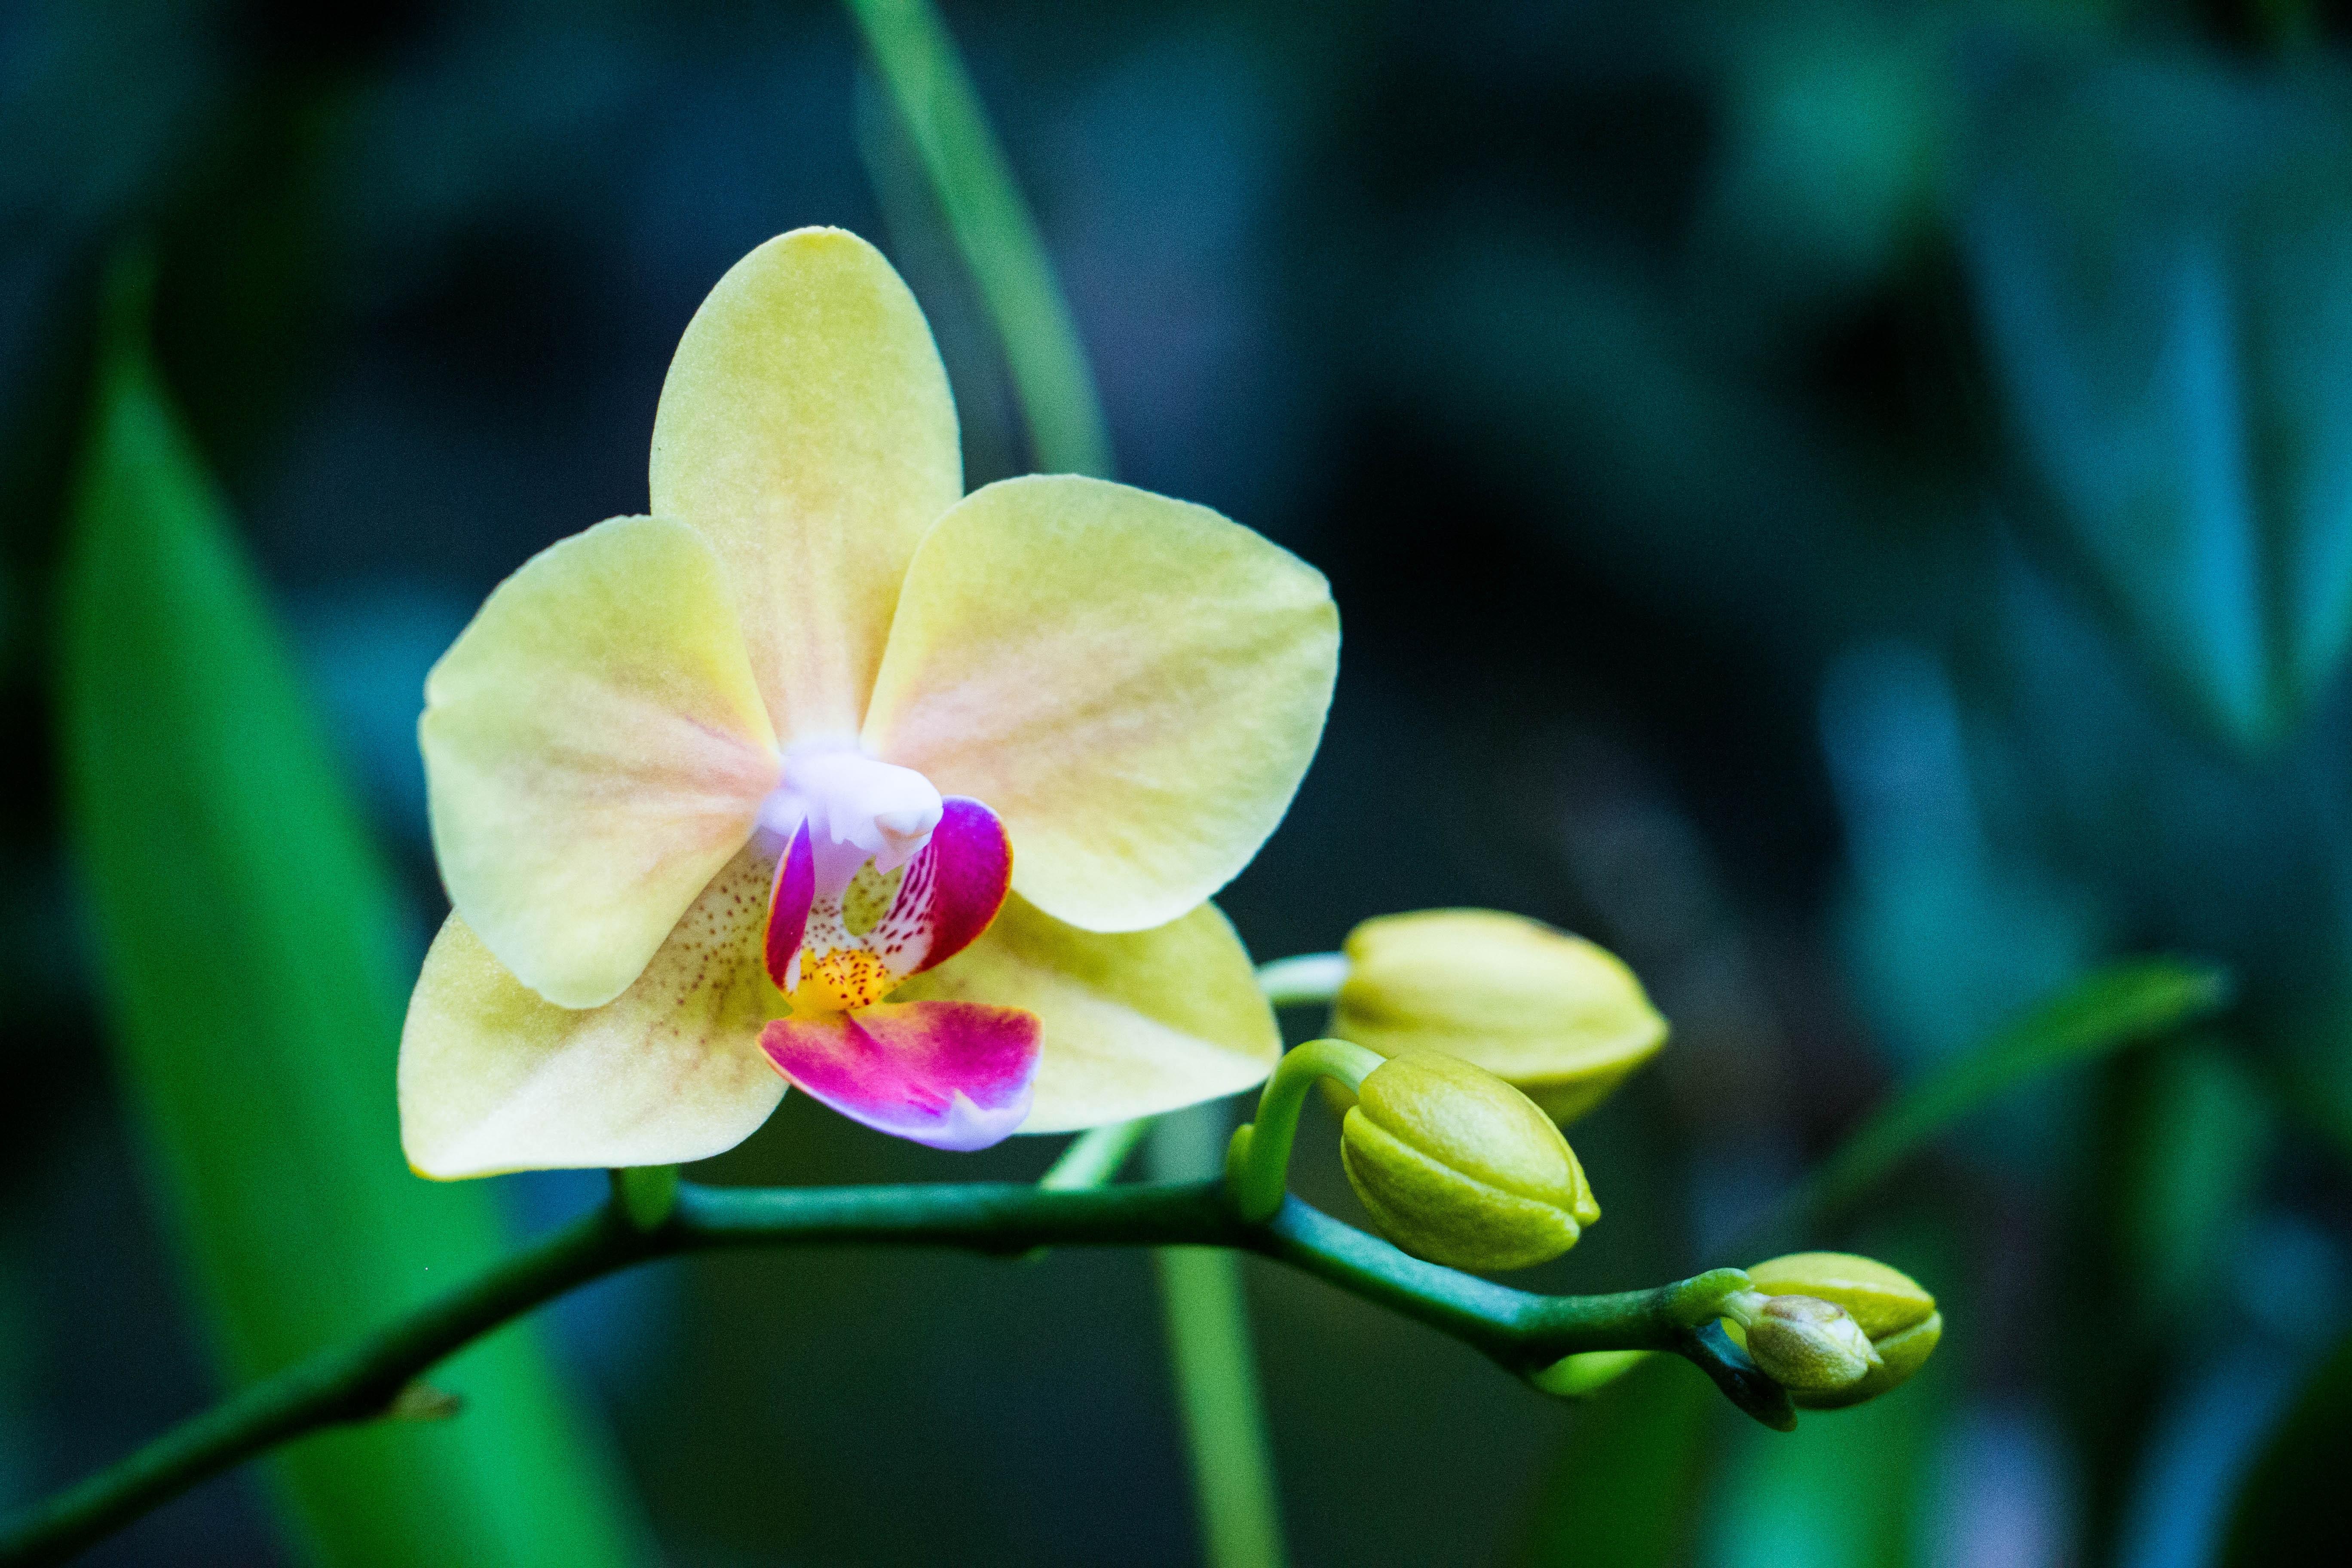 красивое фото желтых орхидей пробегом других регионах